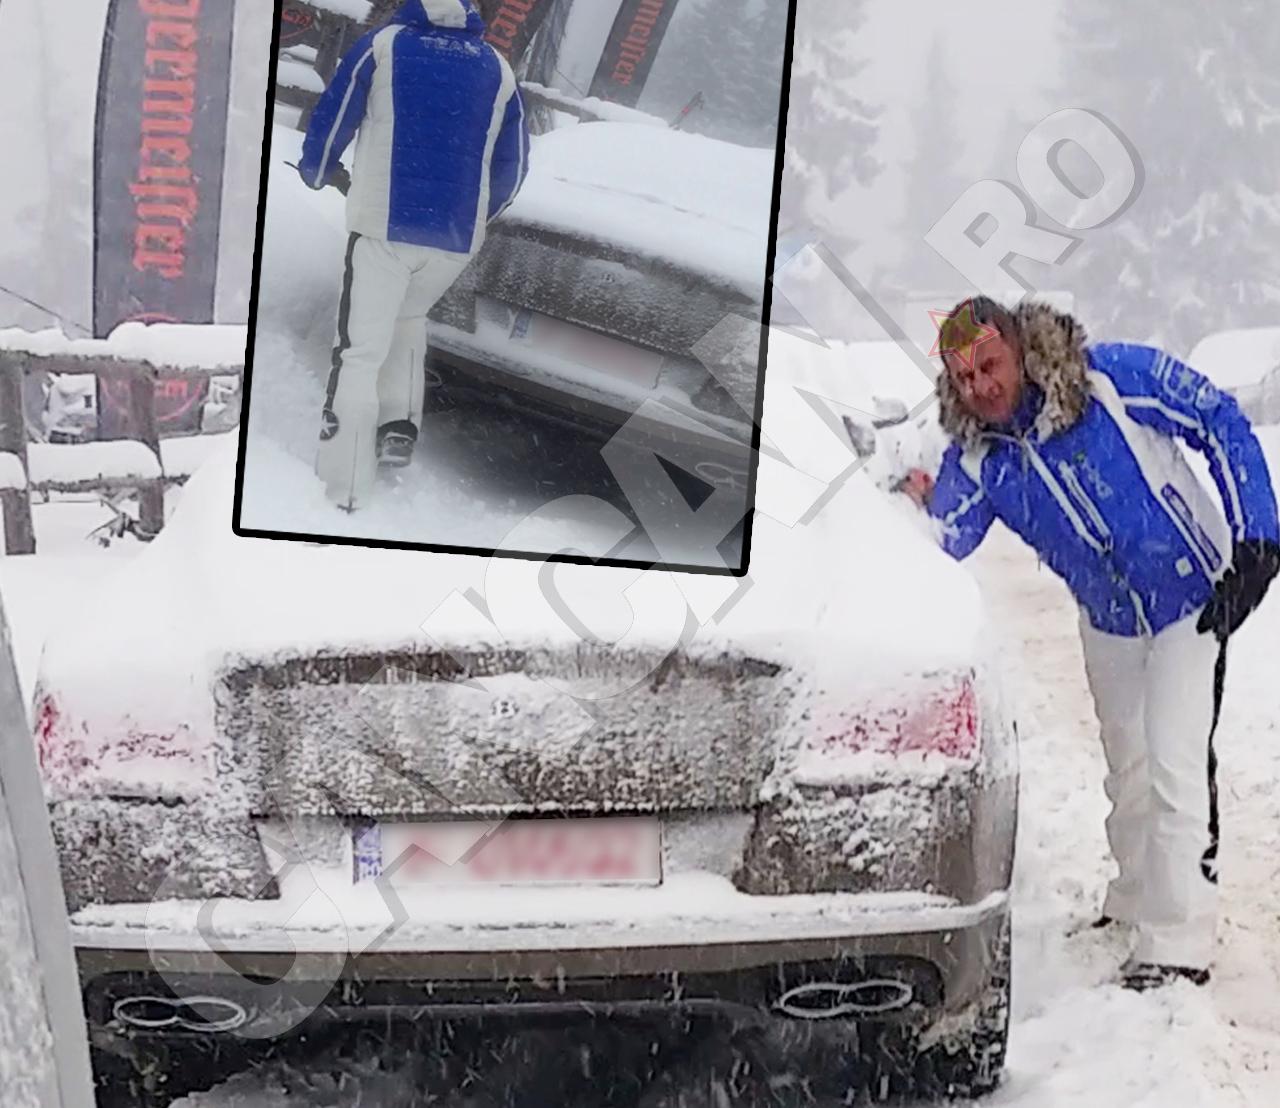 Blestemul zăpezii la milionari: când ninge prea mult nu mai vede nimeni că ai maşină de 200.000 de euro.